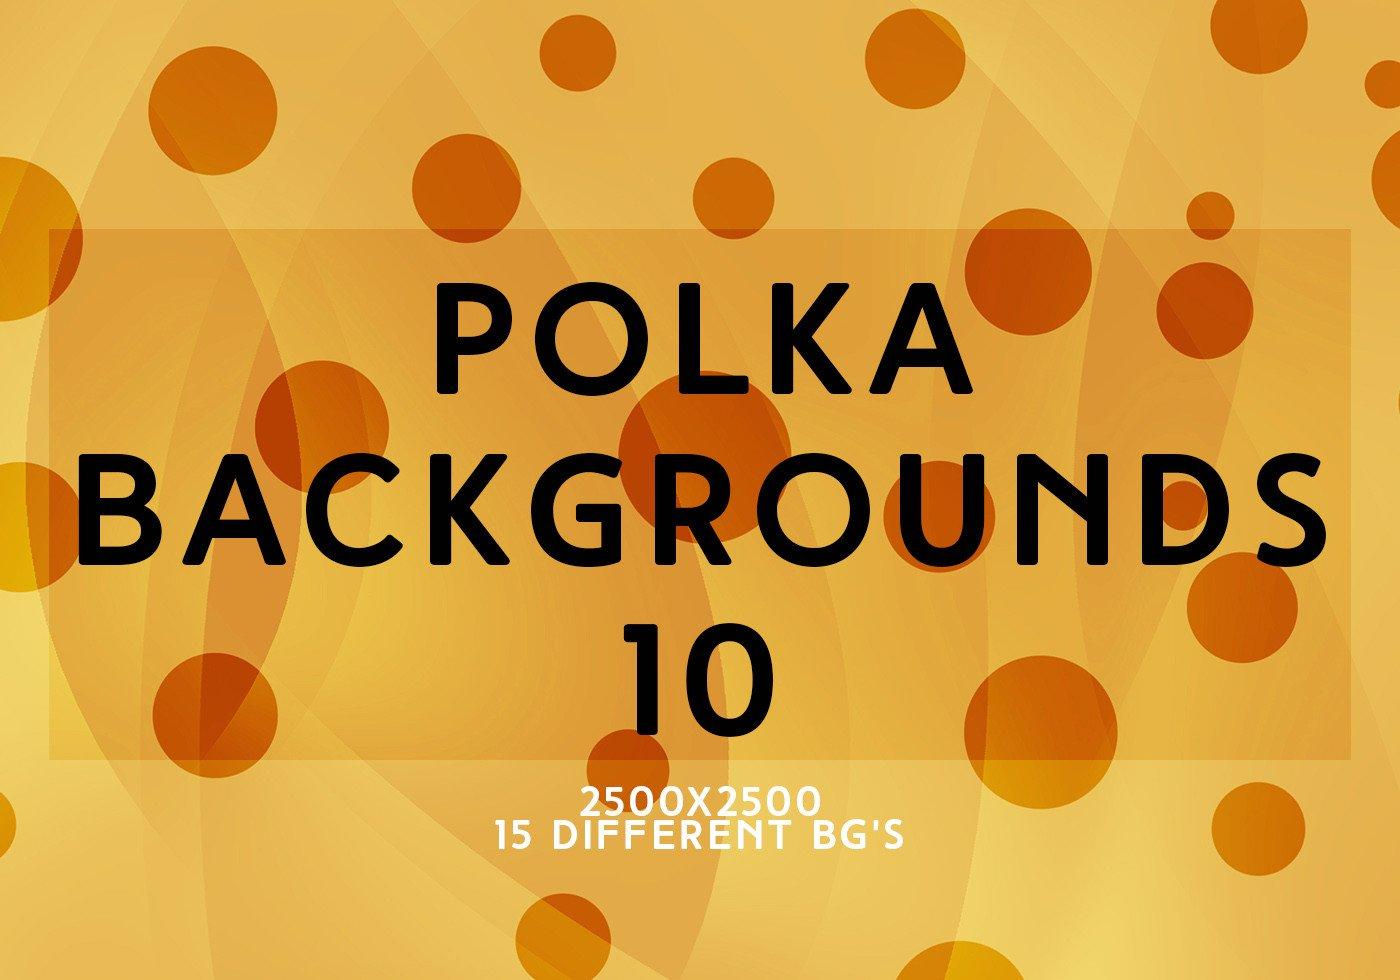 Polka Dot Brush Photoshop Polka Backgrounds 10 Free Shop Brushes at Brusheezy